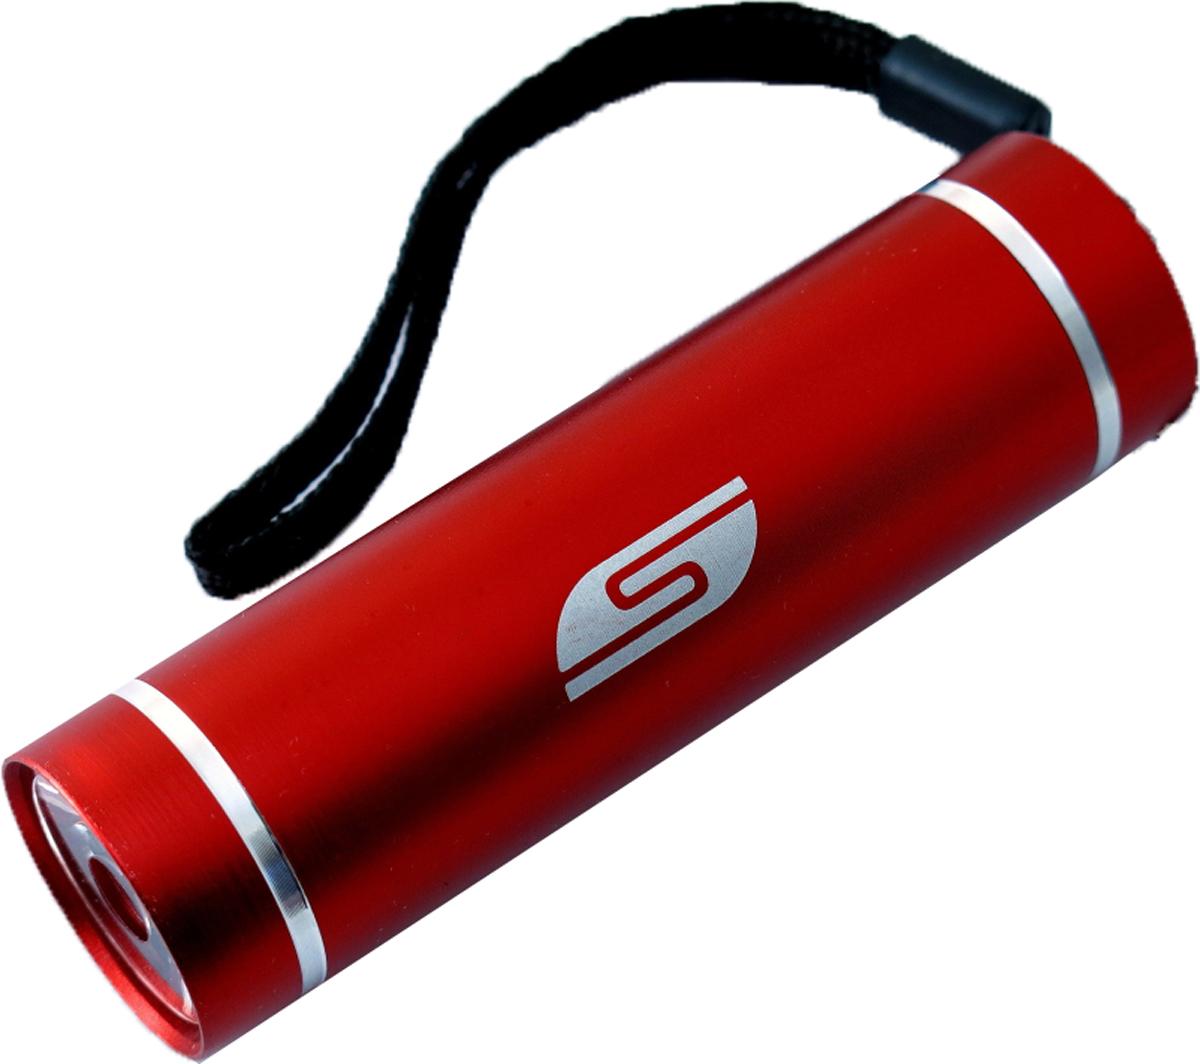 Фонарь SolarisT-5, ручной, цвет: красный3108redКарманный фонарь, подходит для ежедневного ношения. Фонарь выполнен из качественного алюминия с защитным анодированием корпуса. Влагозащищённый - стандарт IPX6. Фонарь снабжен современным светодиодом мощностью 1 Ватт. Мощность светового потока 60 люмен, дальность эффективного излучения света 100 метров. Благодаря длине всего 9 сантиметров и малому весу фонарь идеально подходит для ежедневного ношения в качестве карманного. Кнопка включения в хвостовой части фонаря утоплена в корпус, что исключает случайное нажатие в кармане. Коллиматорная линза направленного действия и светодиод мощностью 1 Ватт обеспечивают фонарю очень приличную дальность освещения 100 метров. Фонарь может применяться в качестве запасного туристического фонаря и источника света для бытовых нужд. Особенности конструкции и эксплуатации фонаря SOLARIS T-5: - Один режим работы фонаря. - Кнопка включения расположена в хвостовой части фонаря. - Фонарь работает от 3-х батарей ААА (в комплект не входят). Кассета для батареек прилагается, находится внутри фонаря. - Время работы фонаря от 3-х батарей ААА: 5 часов. Размеры фонаря: 9 см х 2,6 см.